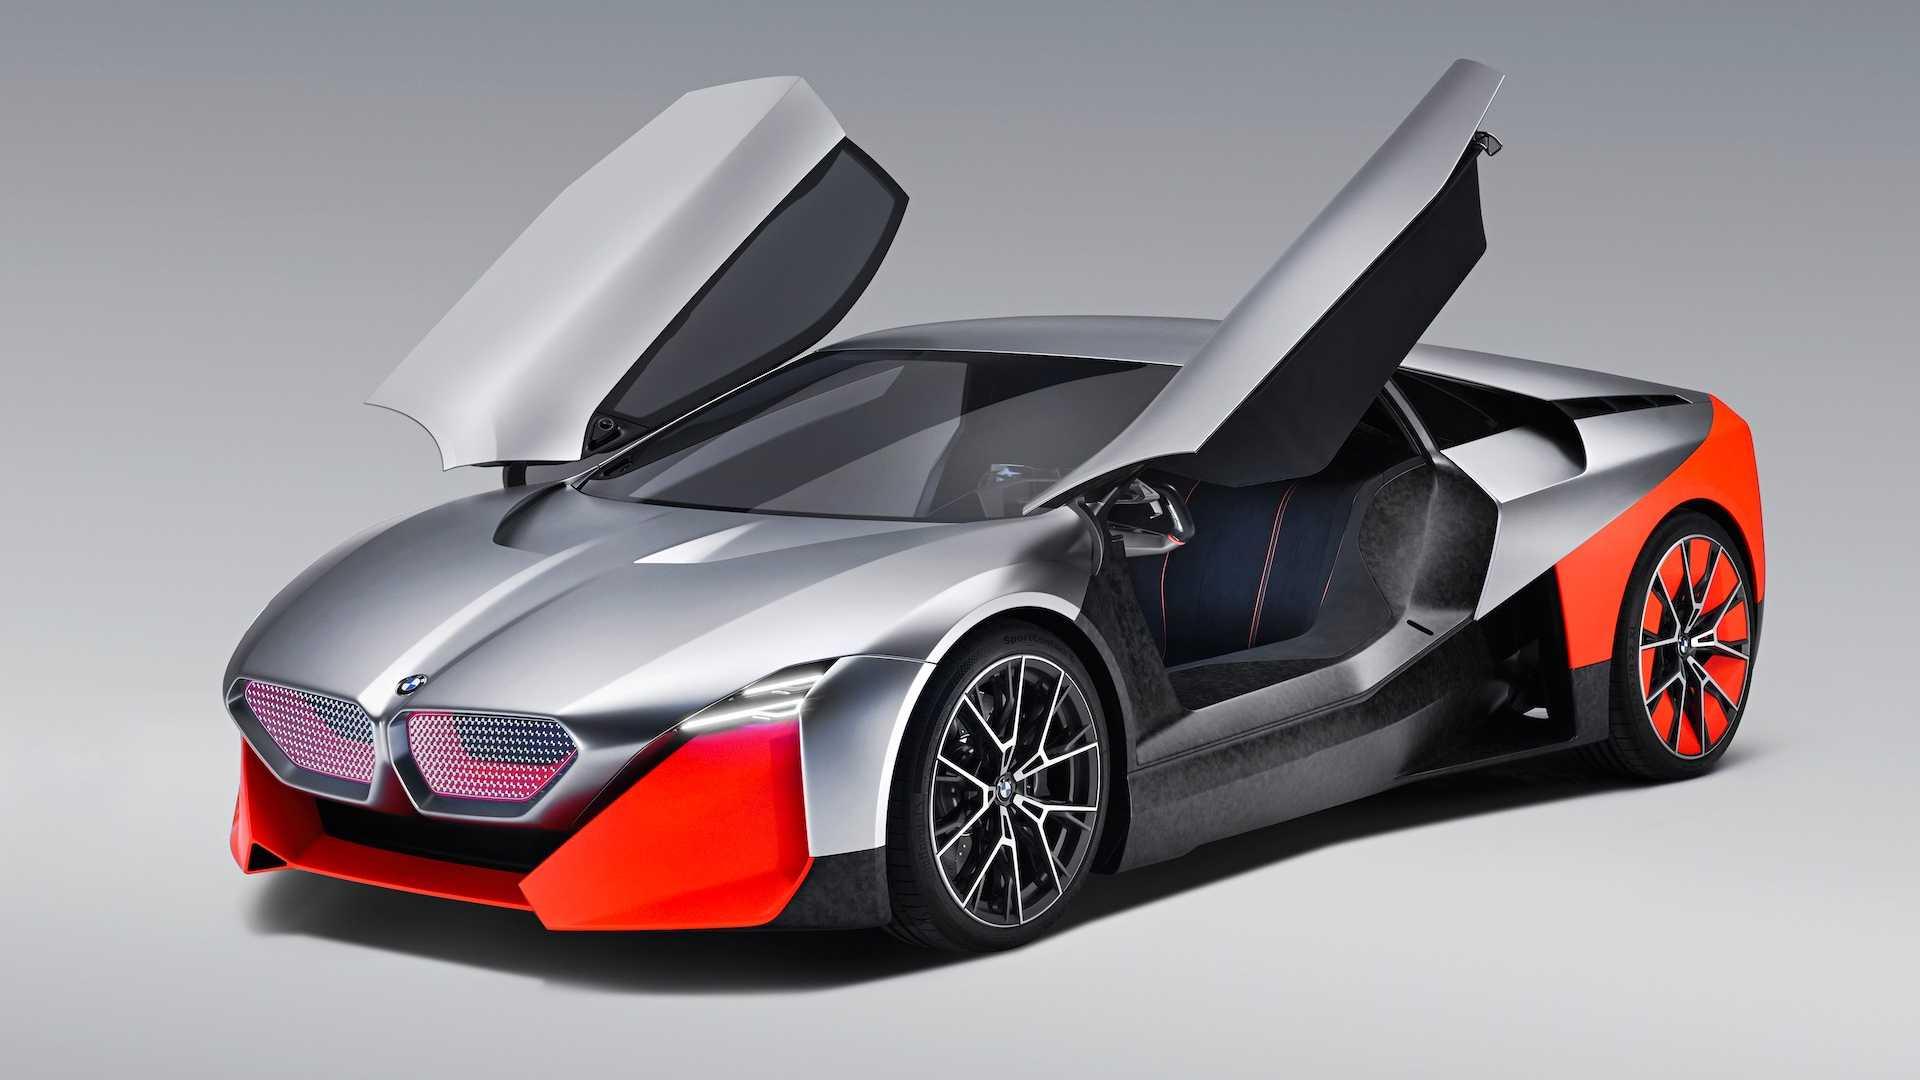 """BMW ultima la submarca """"i"""": tres nuevos modelos que llegarán próximamente"""